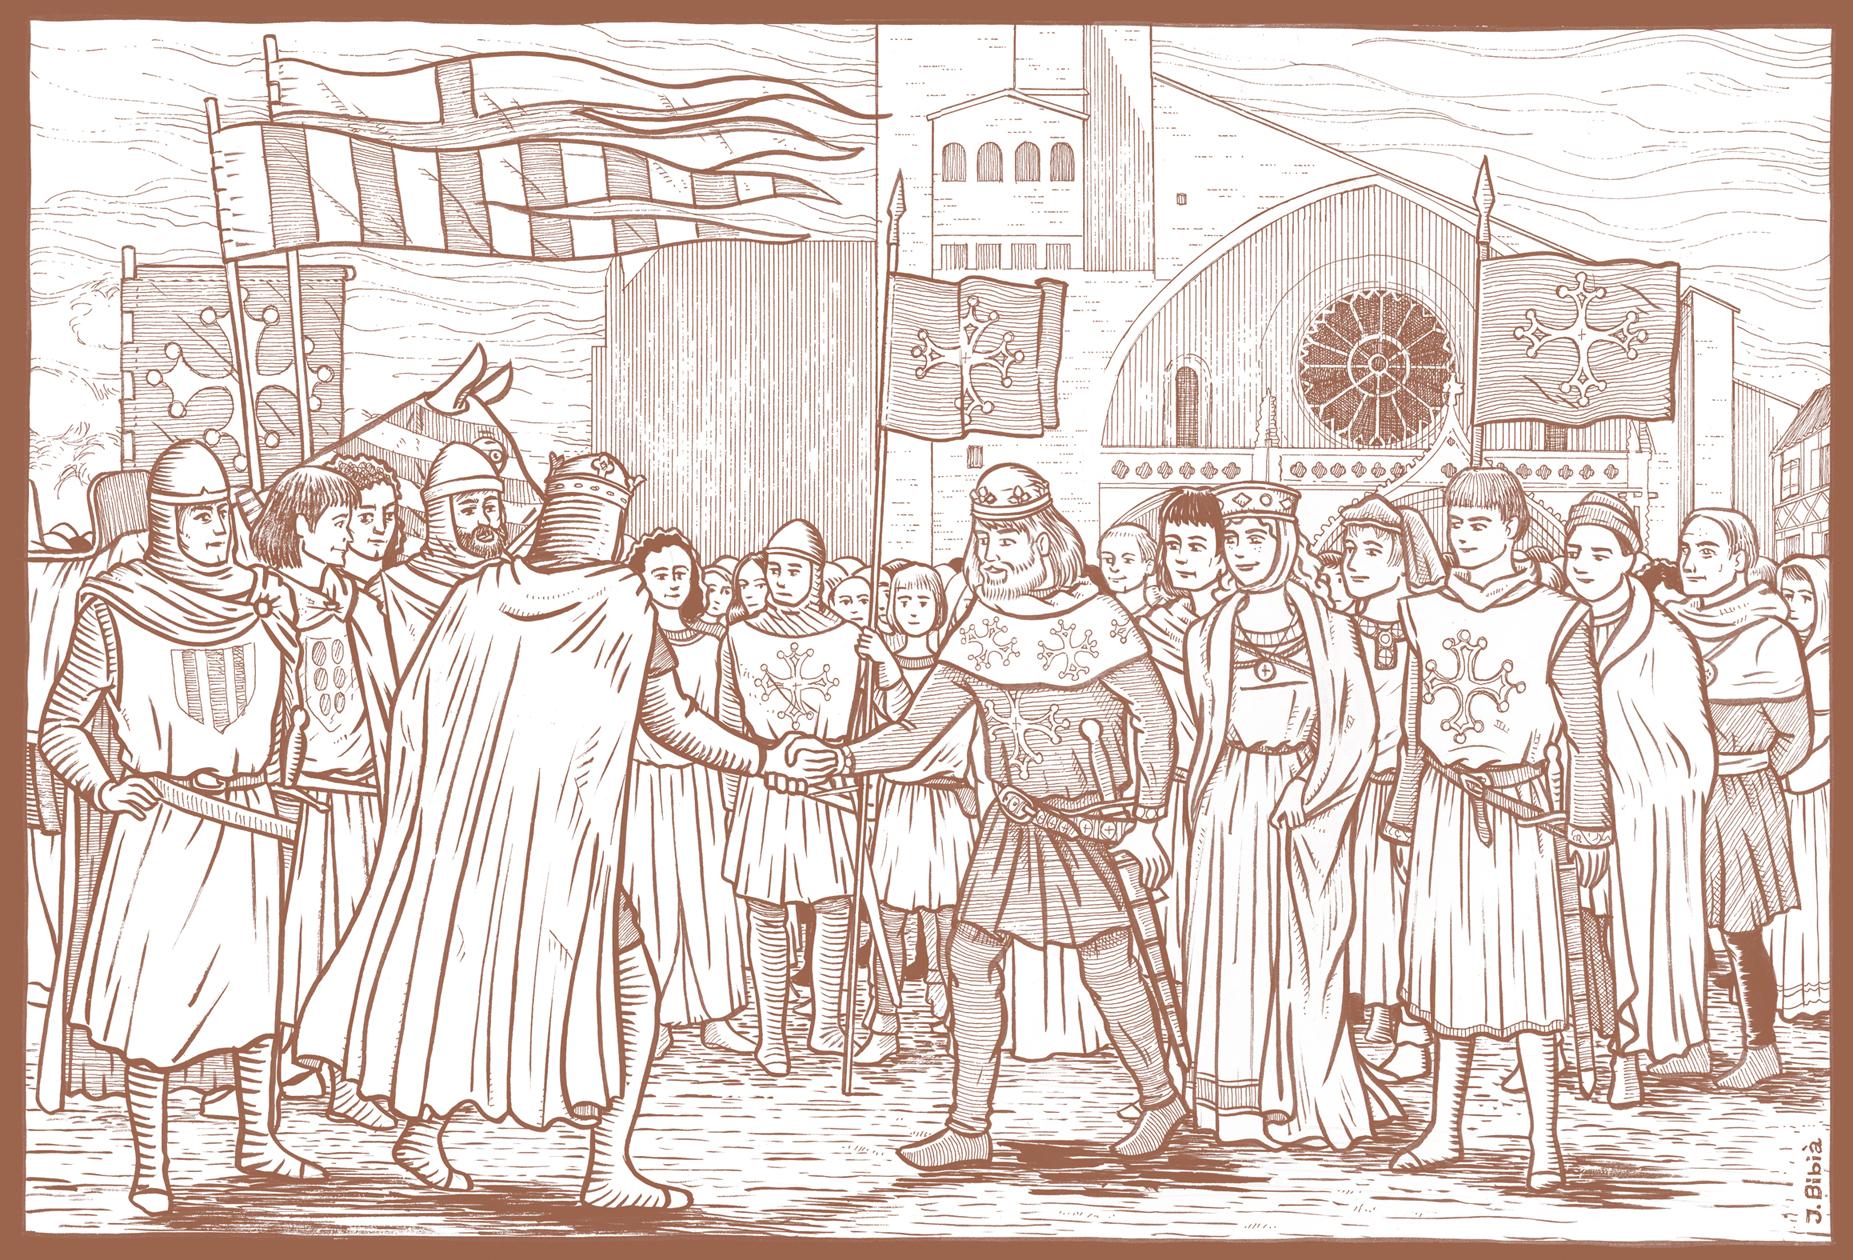 31.01.2011 El rei Pere el Catòlic a Tolosa del Llenguadoc amb Raimon VI, la seva dona (germana del rei) i el seu fill, el futur Raimon VII               -  Jordi Bibià